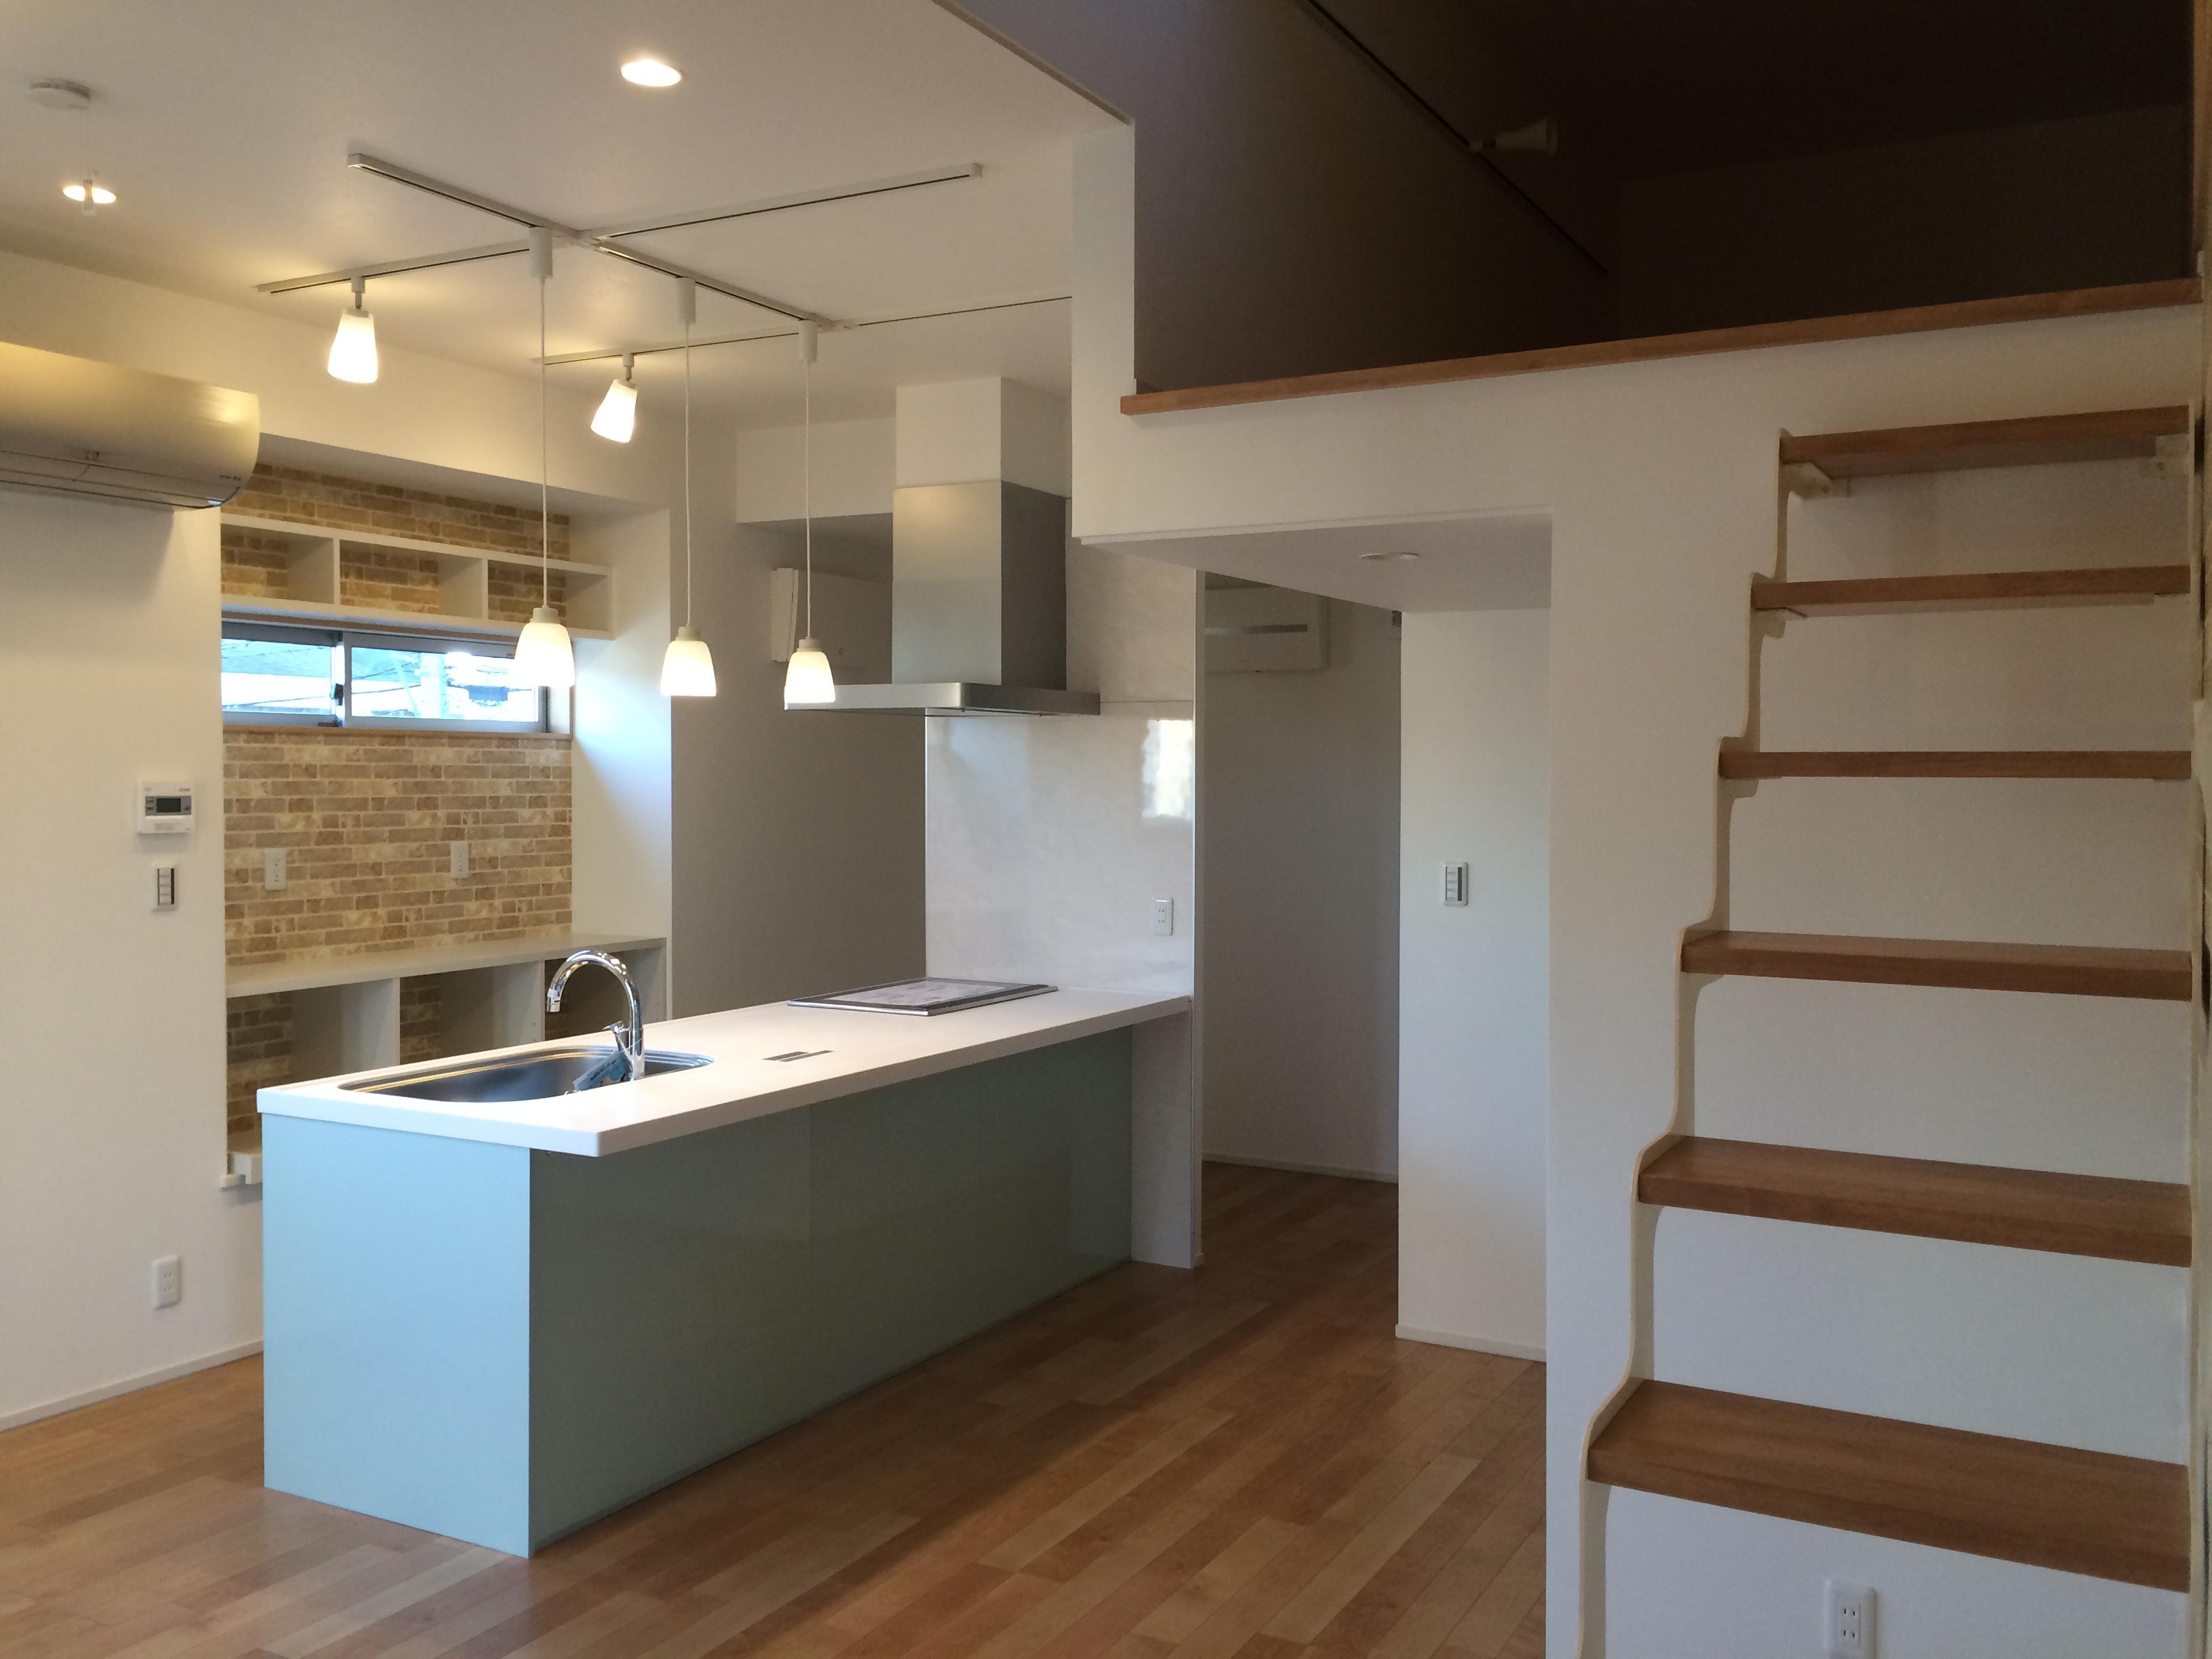 キッチン側からダイニング側へ通り抜ける事ができるパントリーにキッチン背面収納もあり、収納は十分